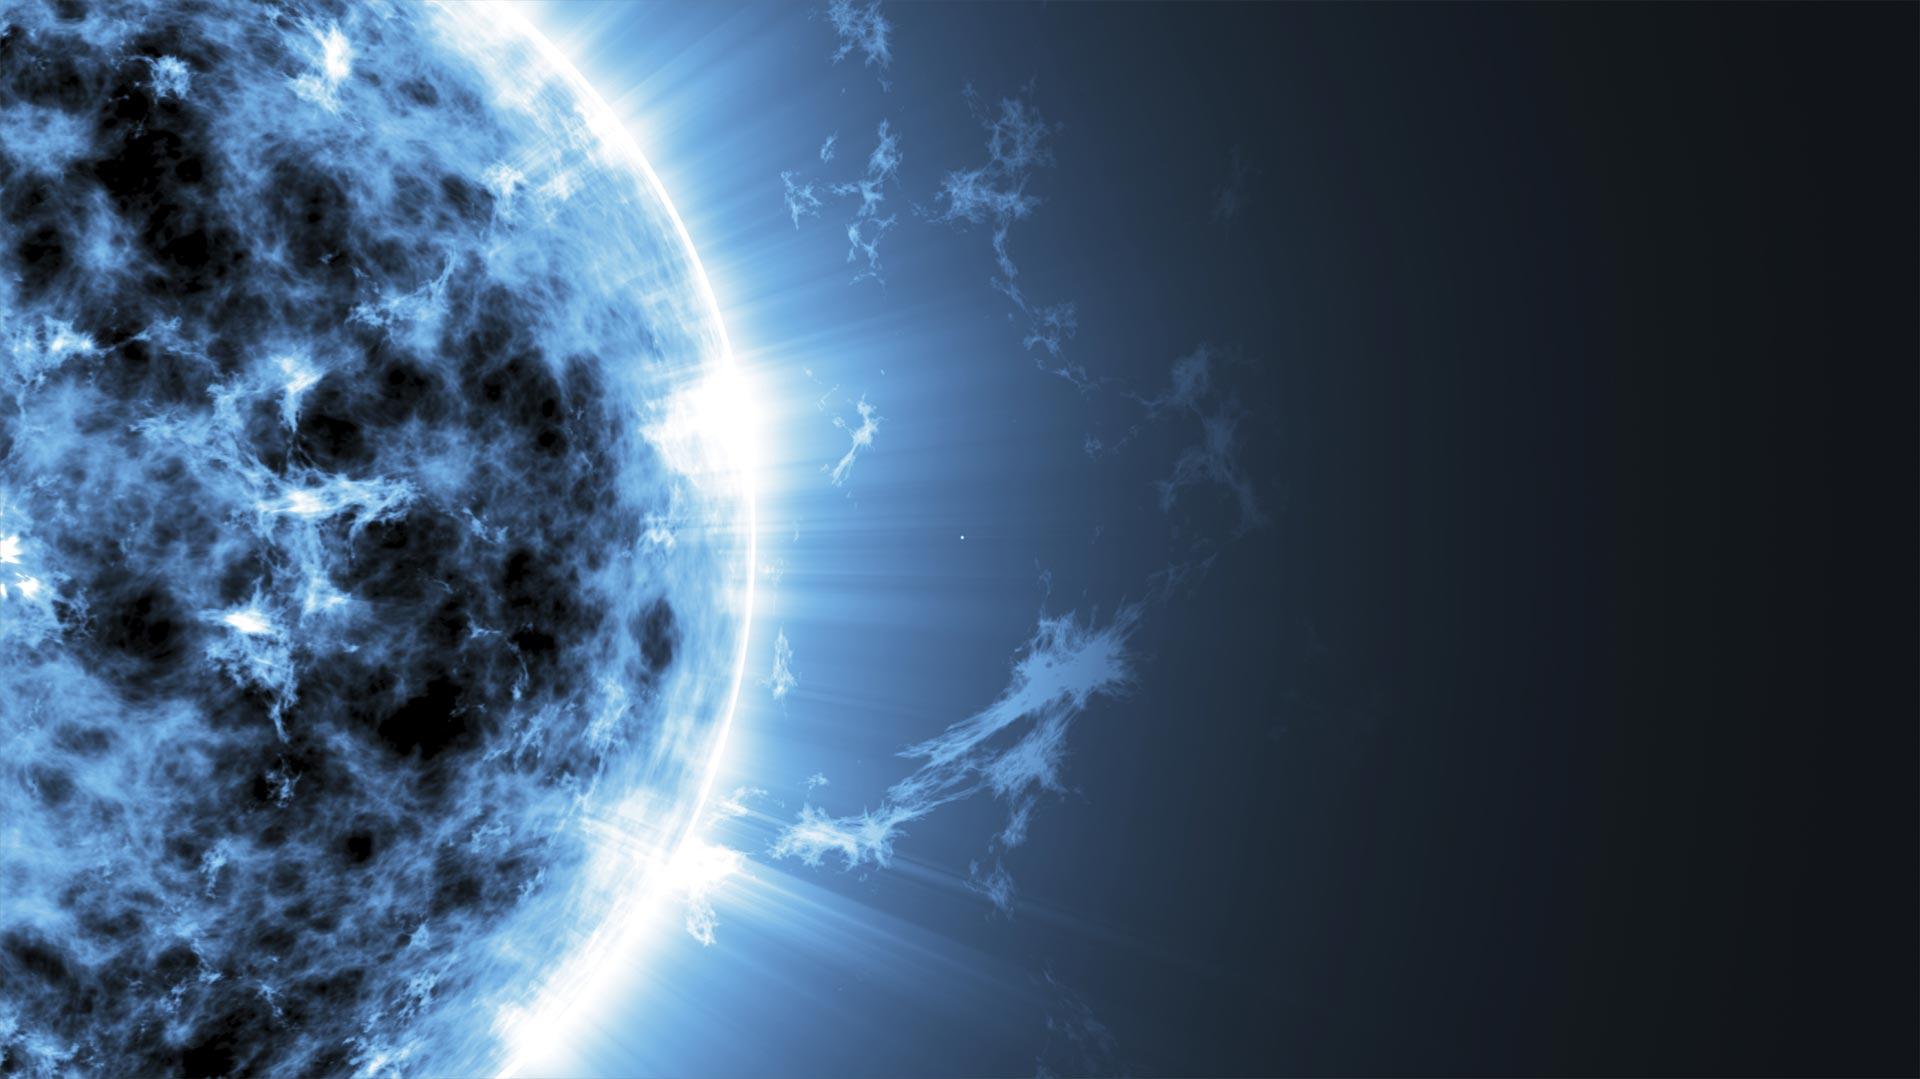 El objeto próximo a la tierra no es un riesgo para nuestro planeta Tierra